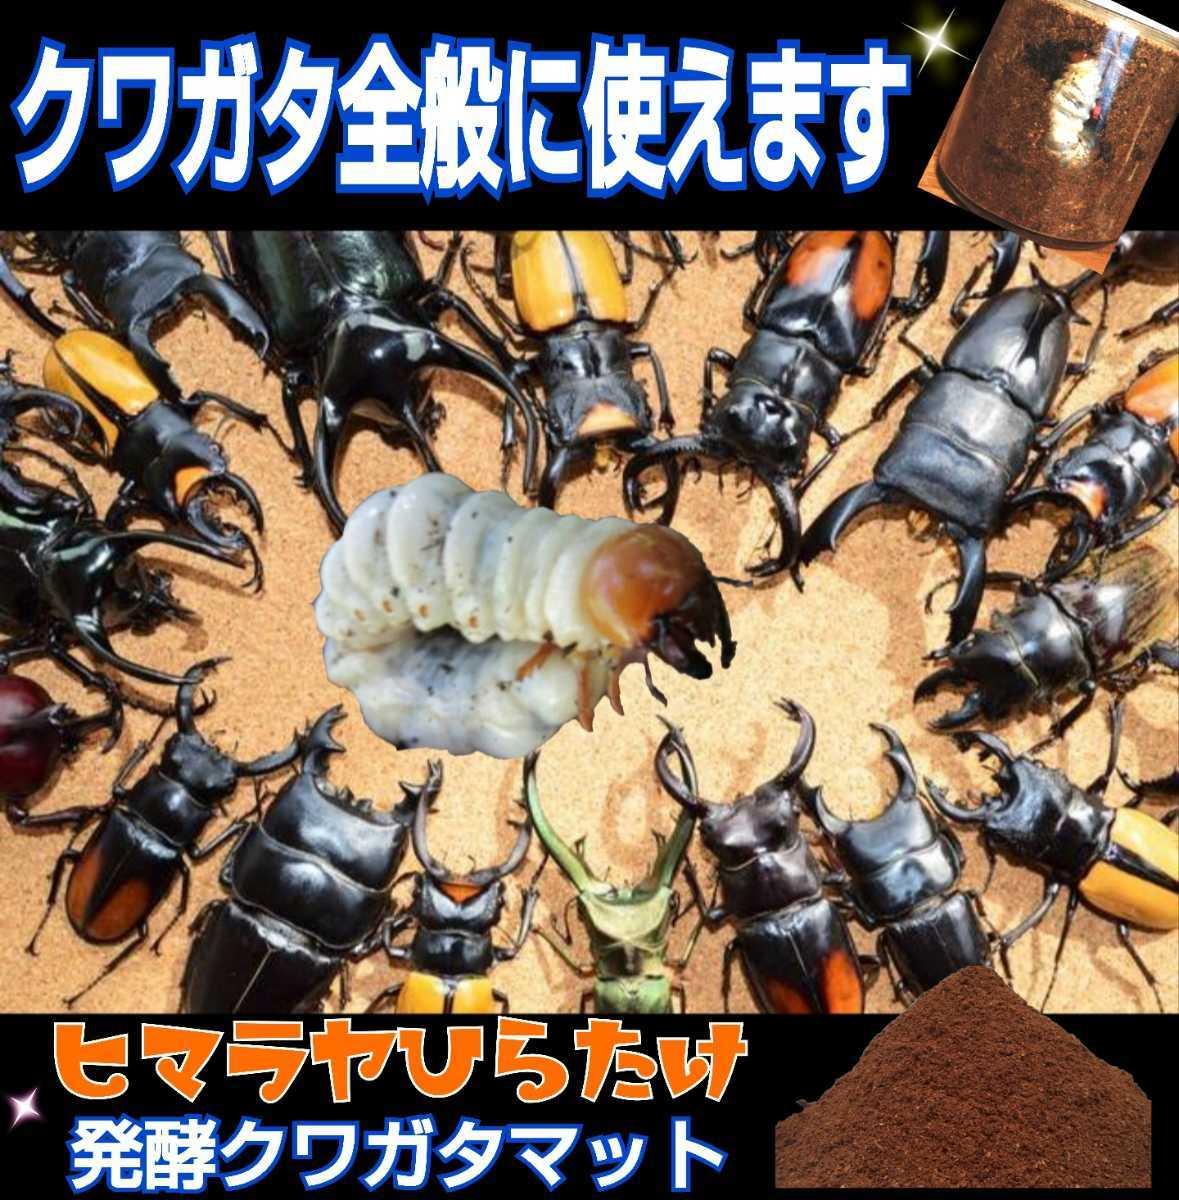 500リットル 幼虫がビッグサイズになります!ヒマラヤひらたけ菌床発酵マット!栄養価抜群!クヌギ100%原料 幼虫の餌、産卵マットにも抜群_画像8